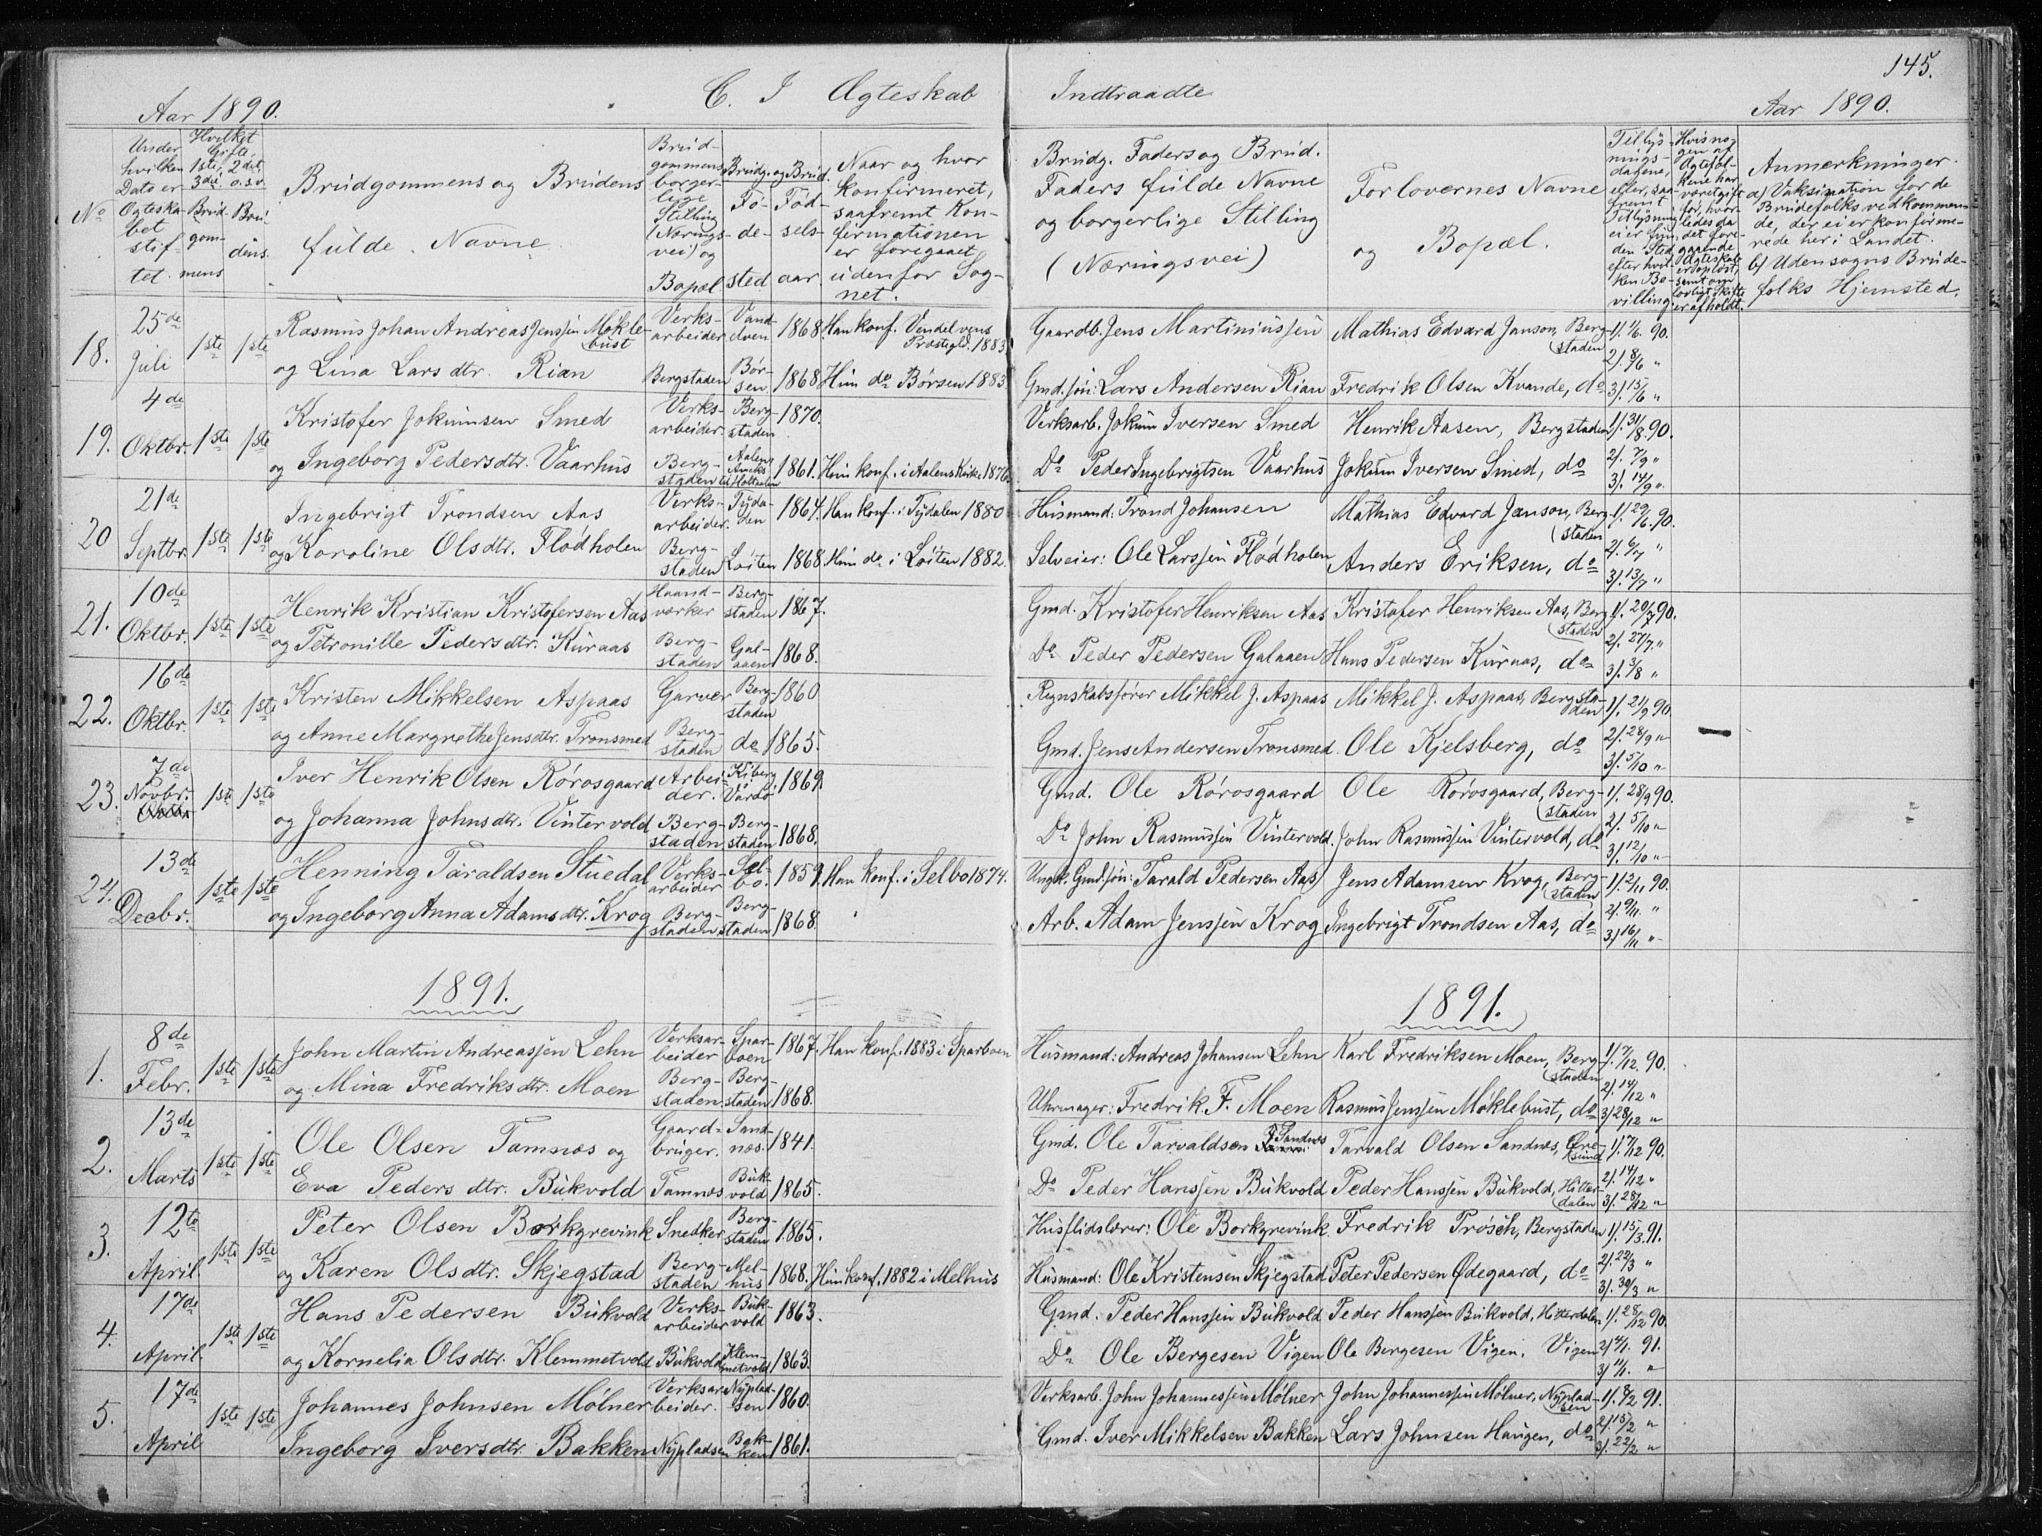 SAT, Ministerialprotokoller, klokkerbøker og fødselsregistre - Sør-Trøndelag, 681/L0940: Klokkerbok nr. 681C04, 1880-1895, s. 145